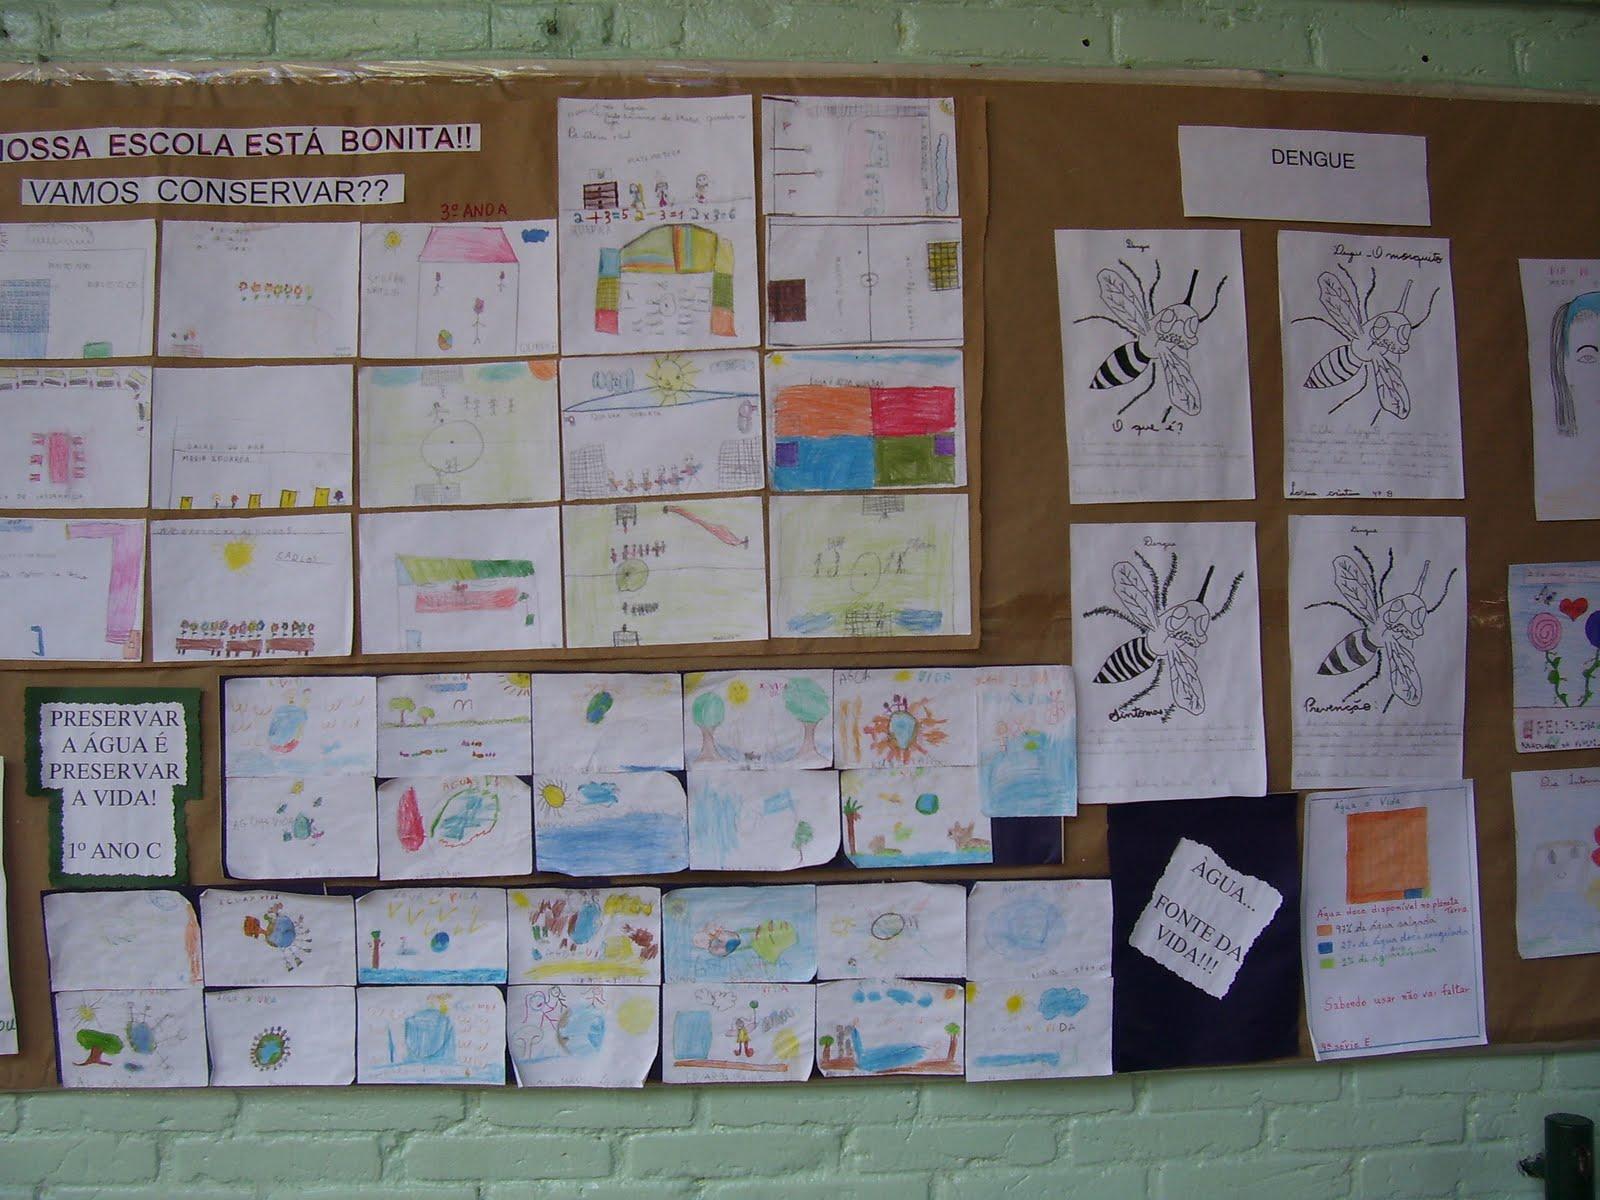 Portal do professor estudando os movimentos do planeta for Mural sobre o meio ambiente